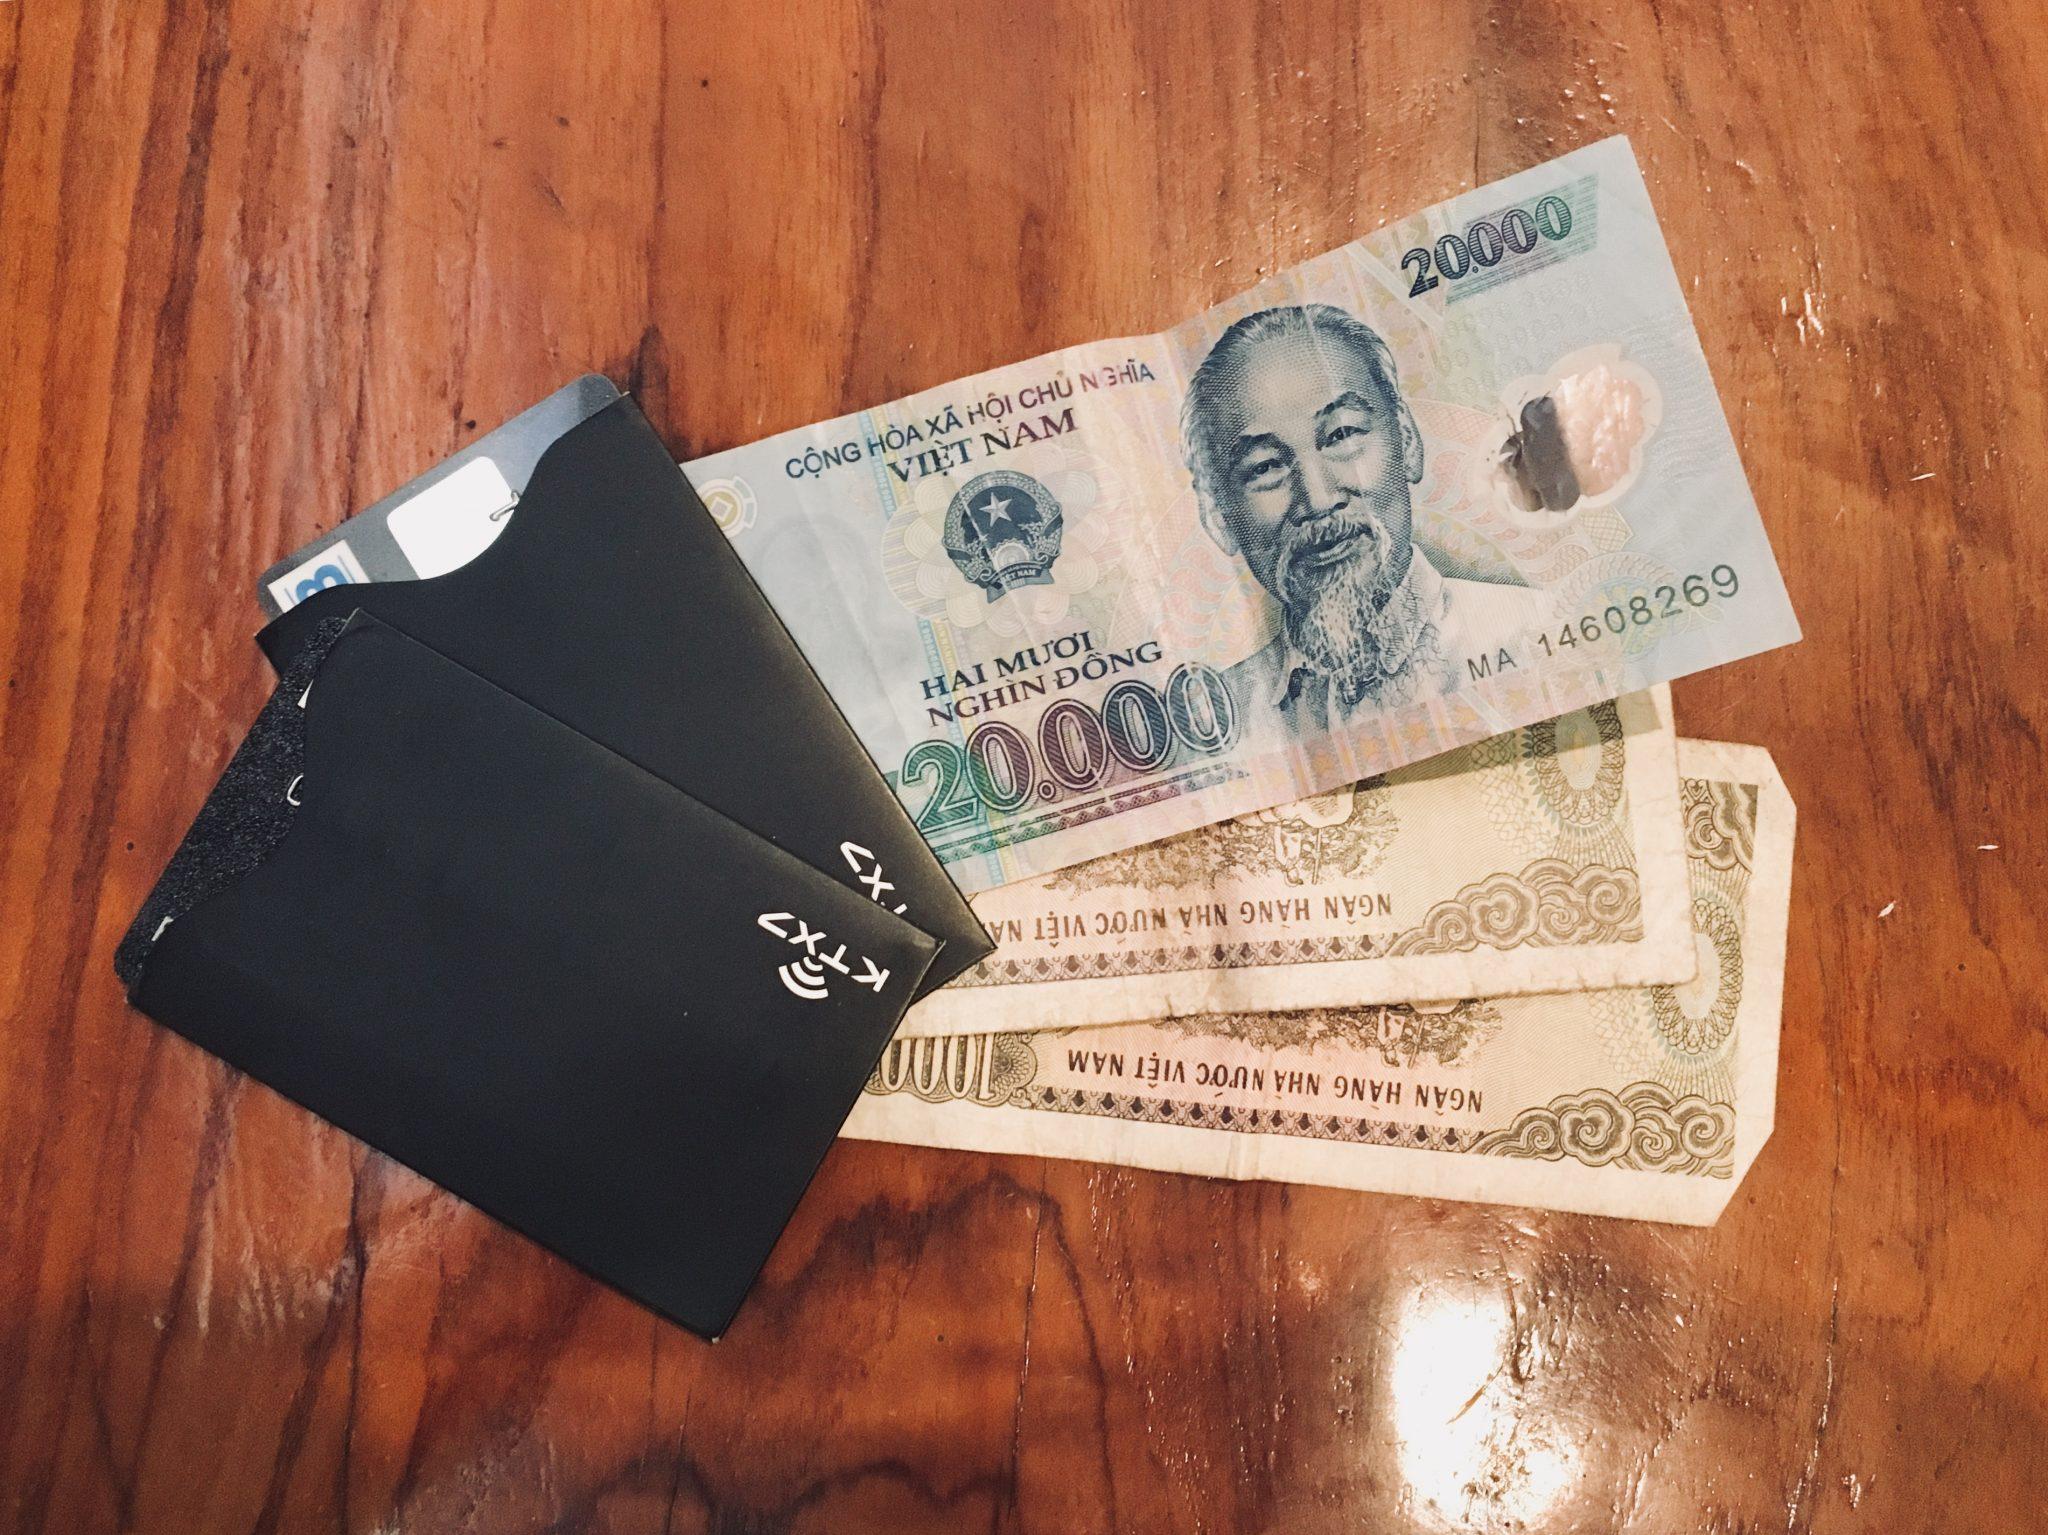 Meine Ausgaben in 30 Tagen Vietnam